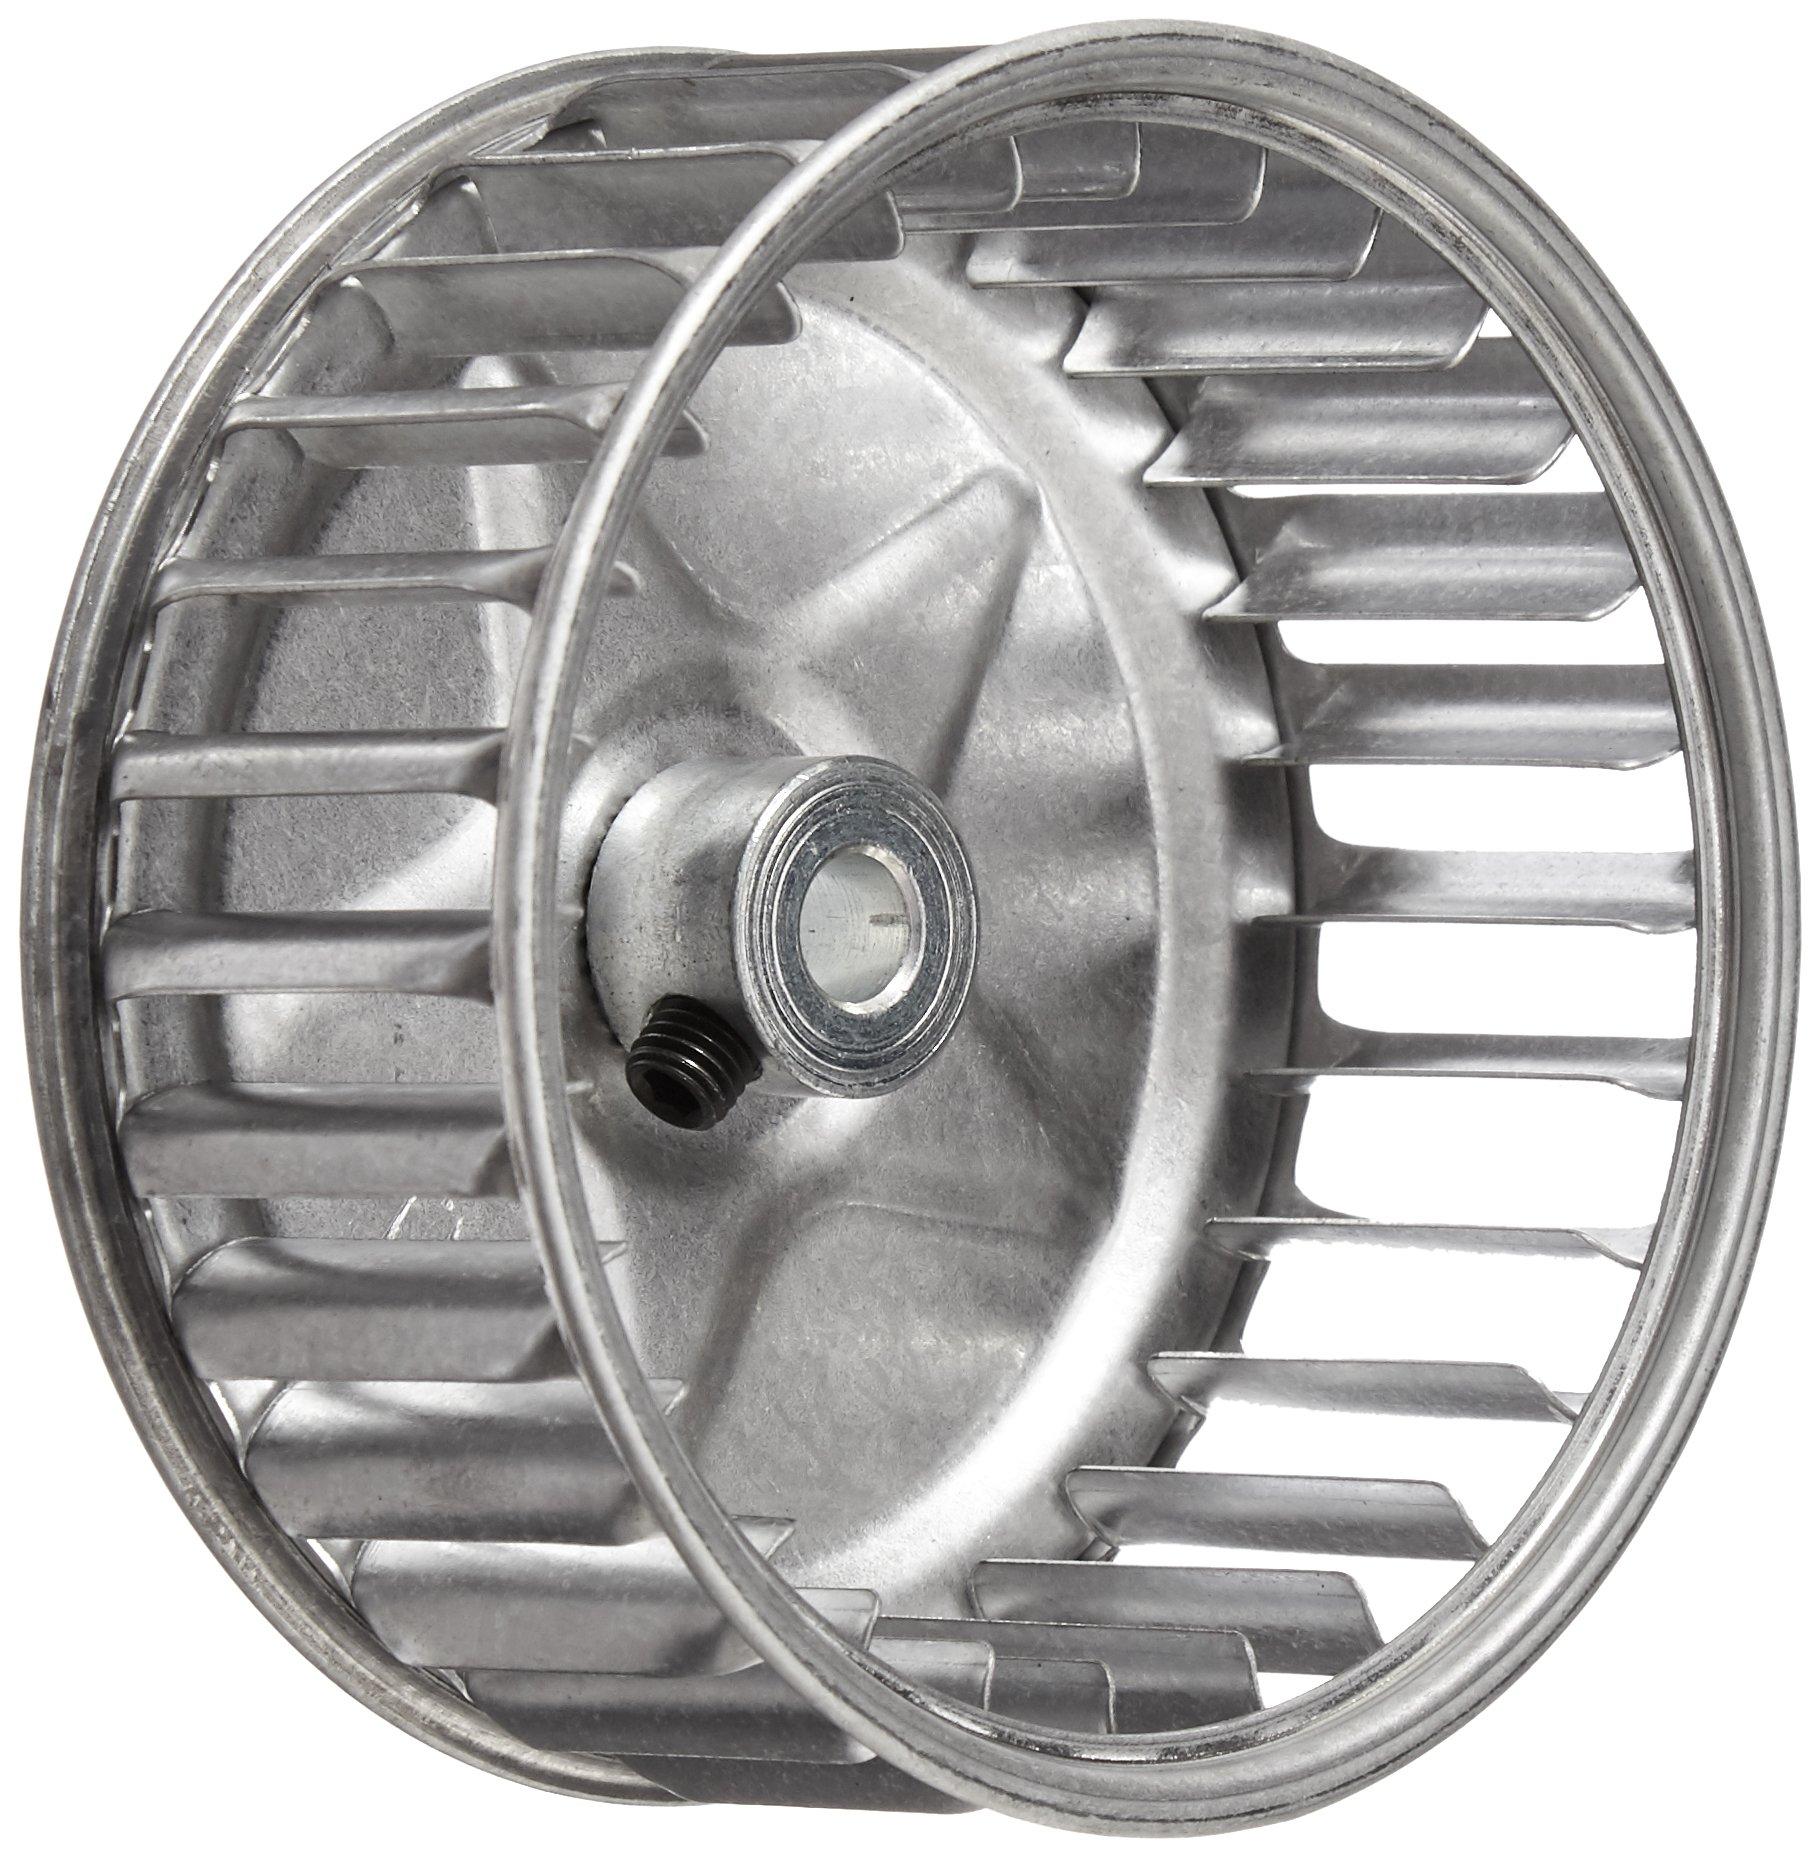 Tjernlund 950-1010 Impeller Wheel Kit for HSJ, GPAKJ Sidewall Power Venters